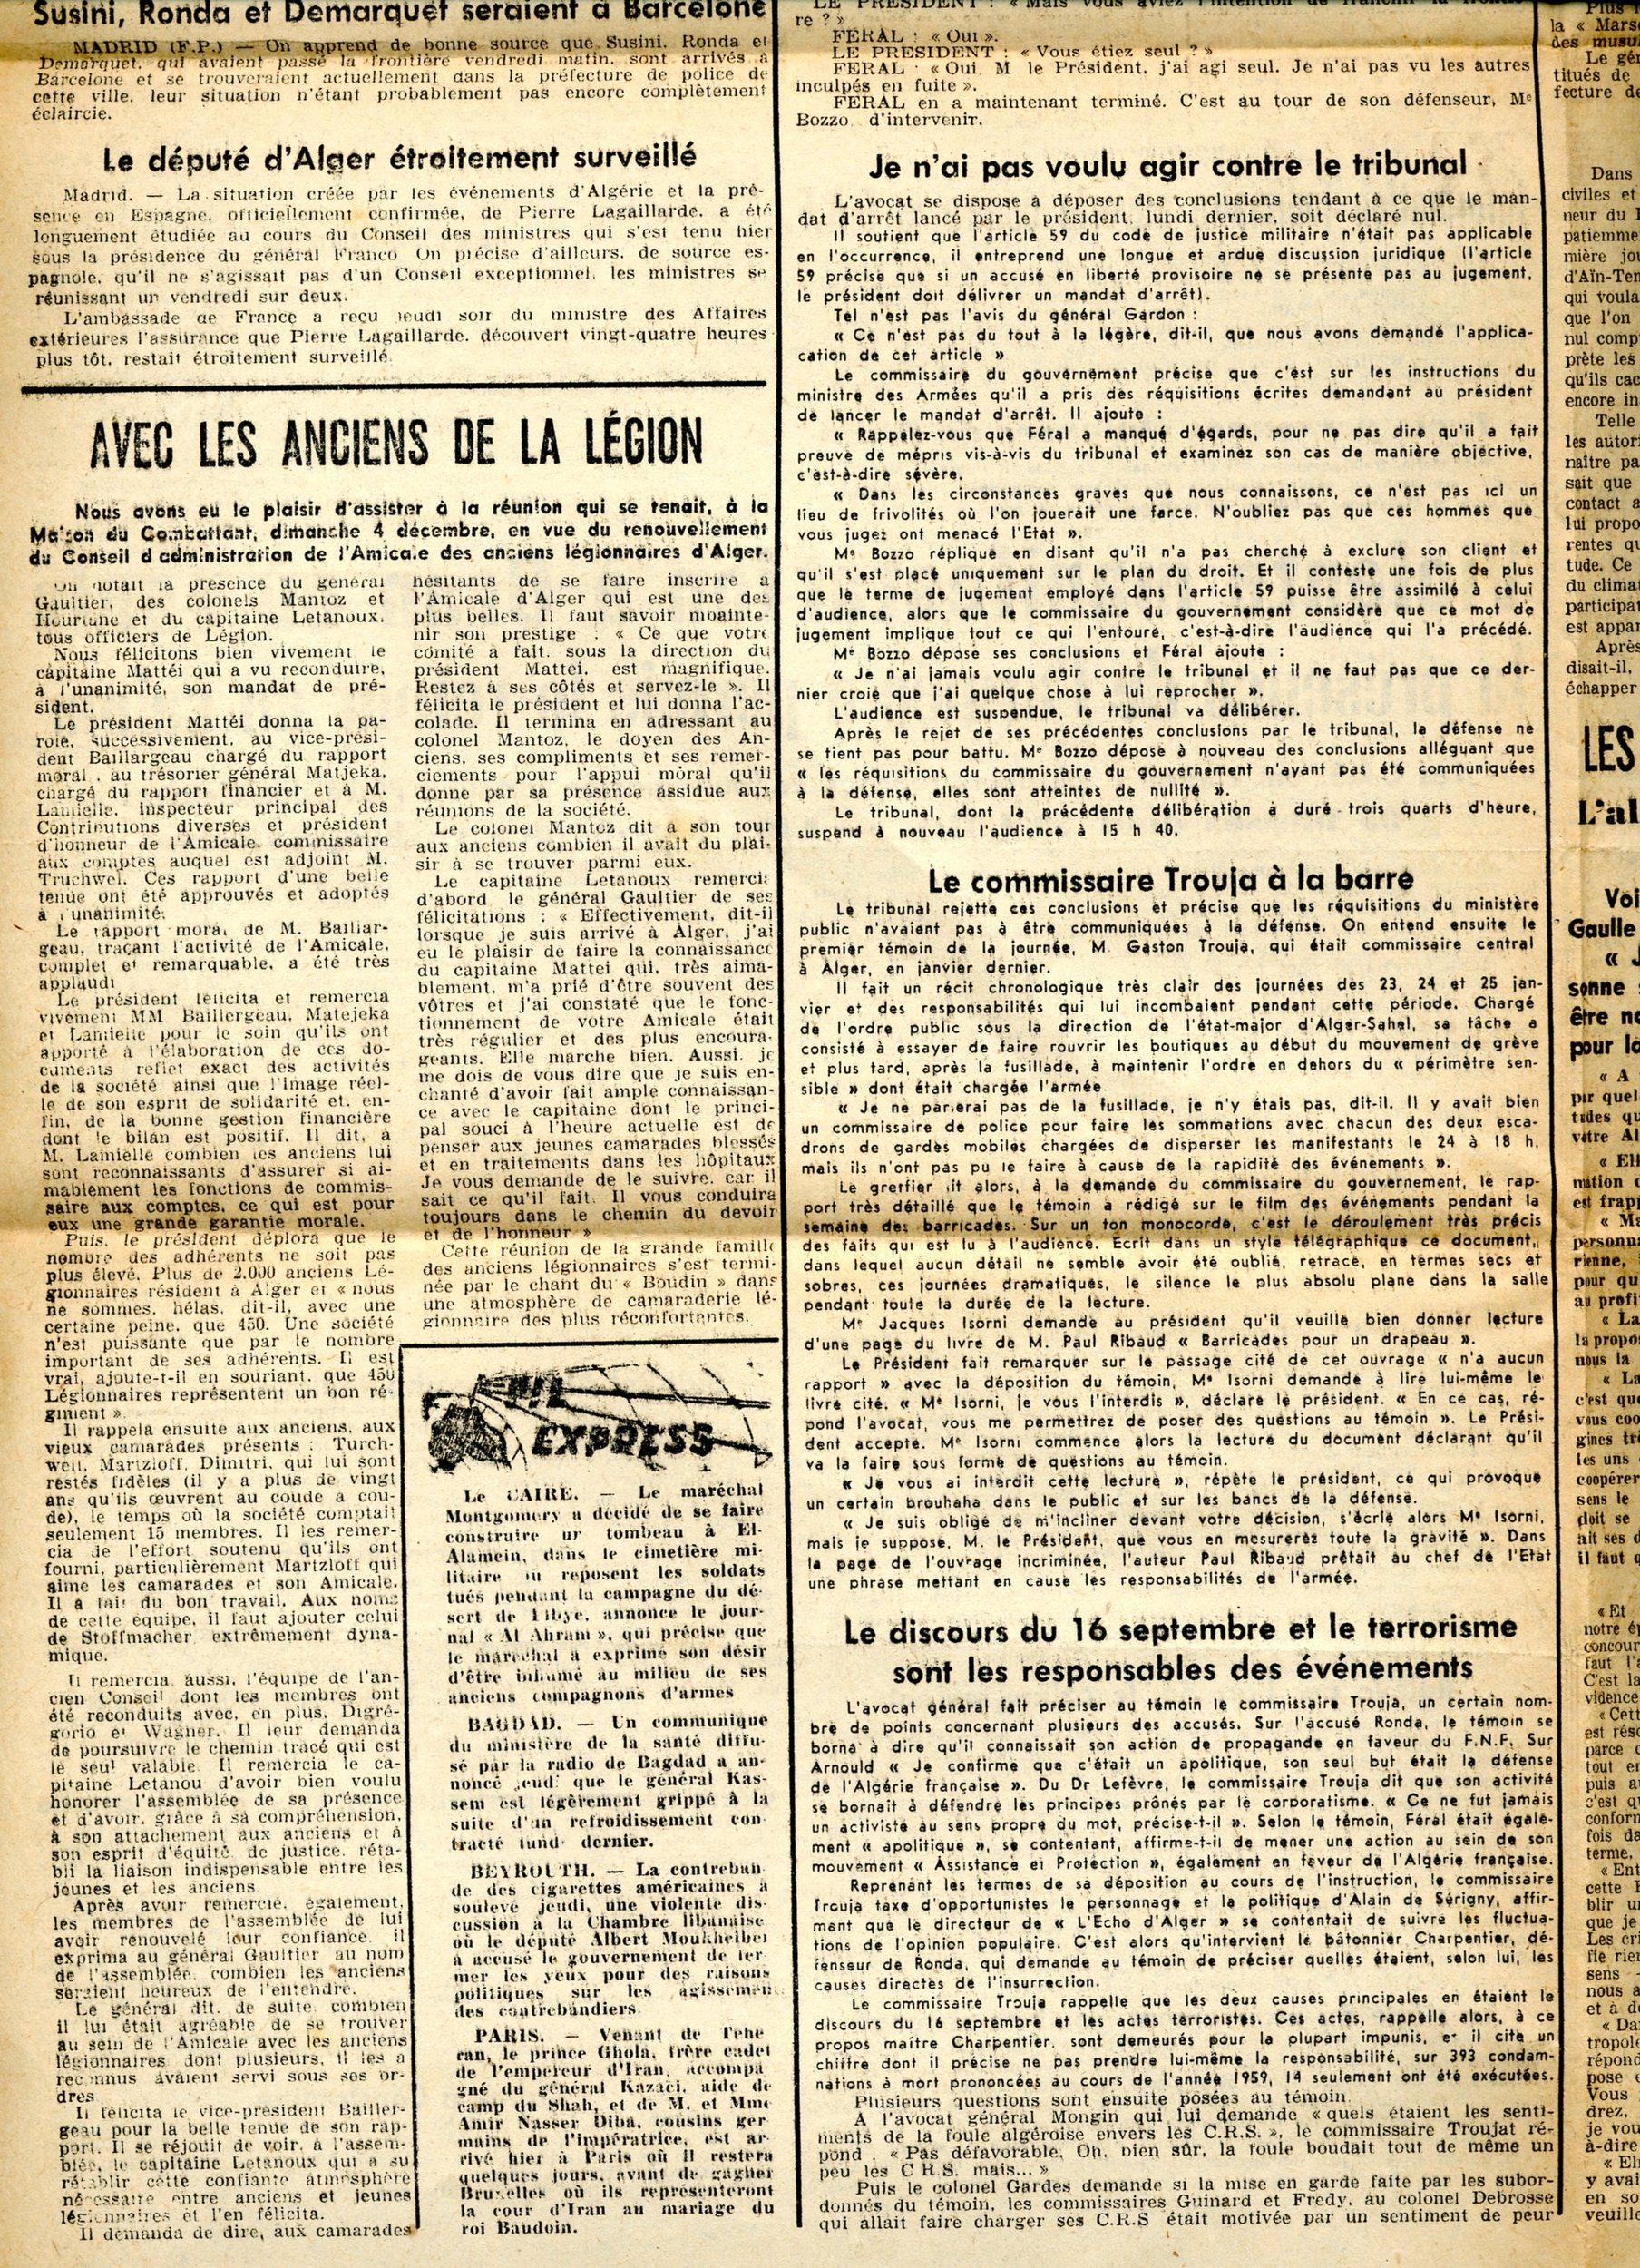 REC_MAN_JOUR19_journaux coupure3v suite1.jpg